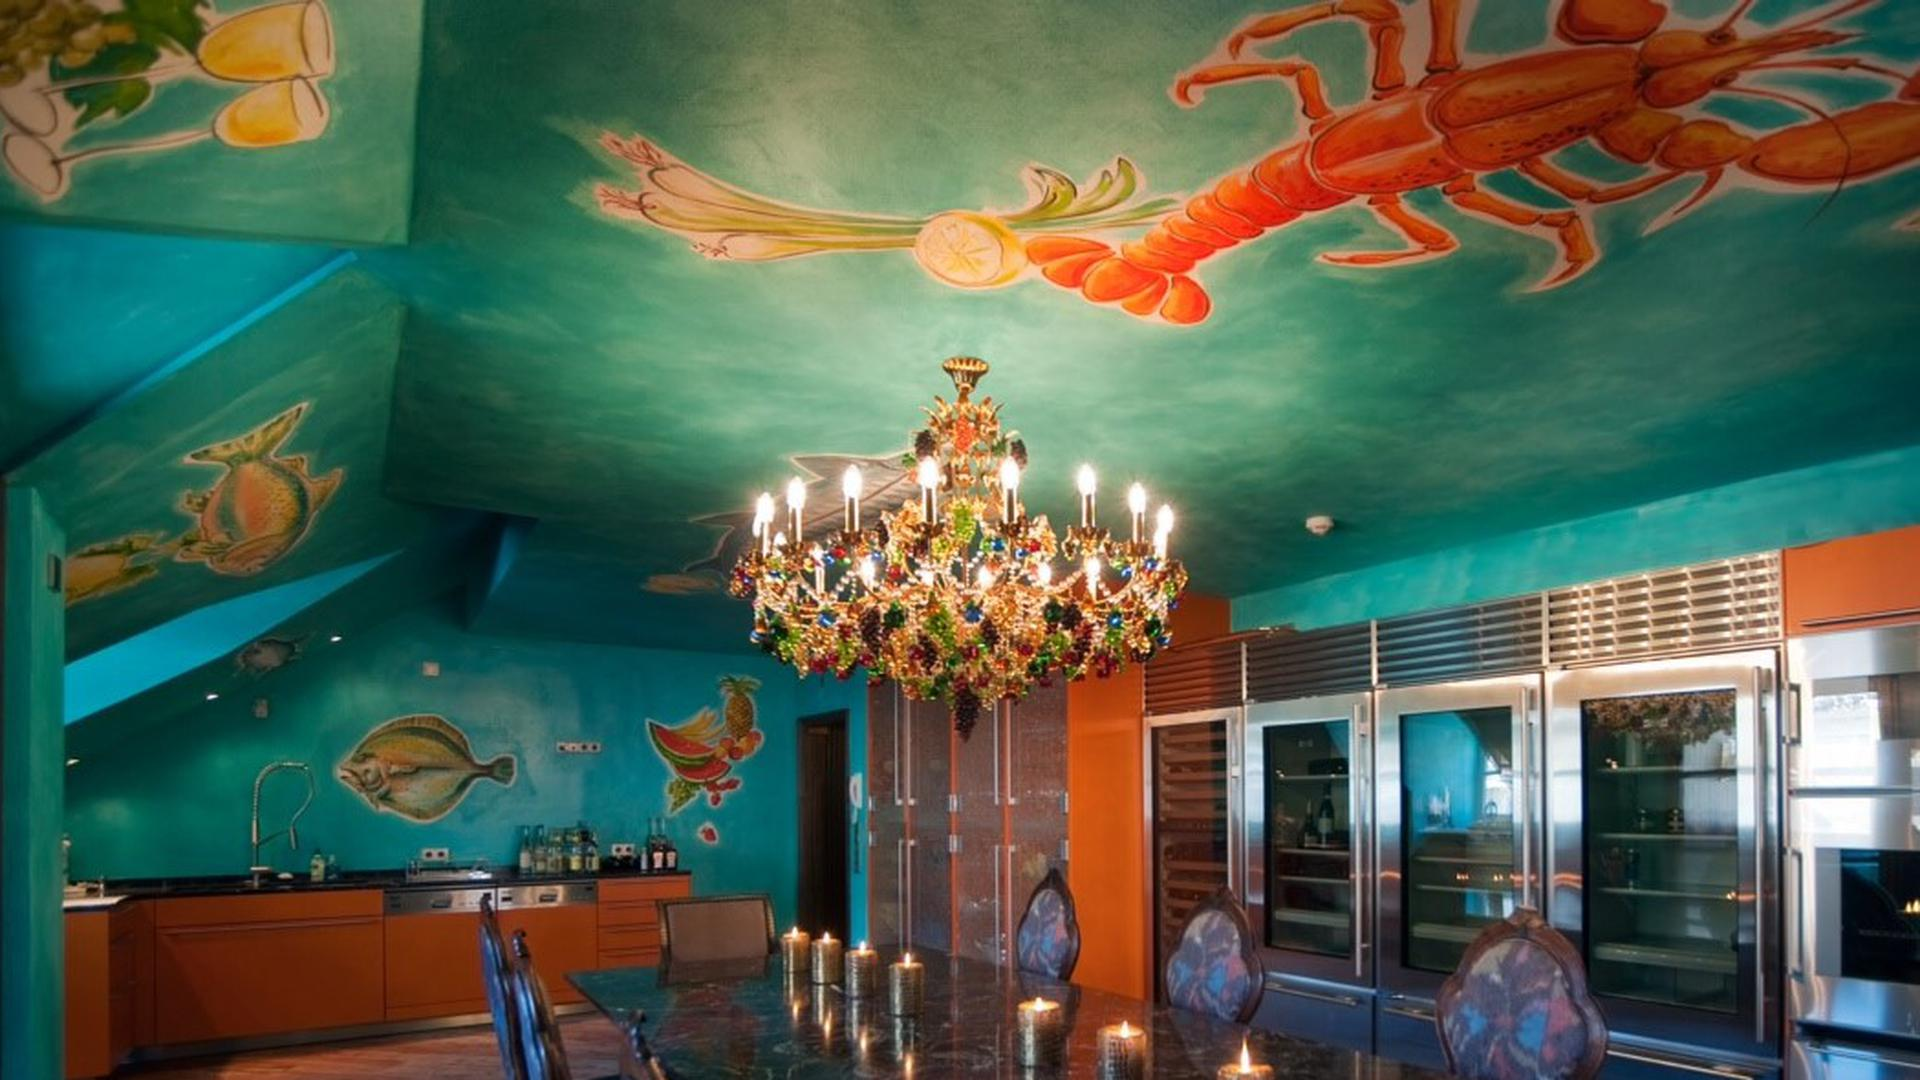 Großer Raum mit zum Esszimmer hin offener Küche. Die Wände und die Decke sind mit Fischen und einem Hummer bemalt vor einem türkis-blauen Hintergrund.